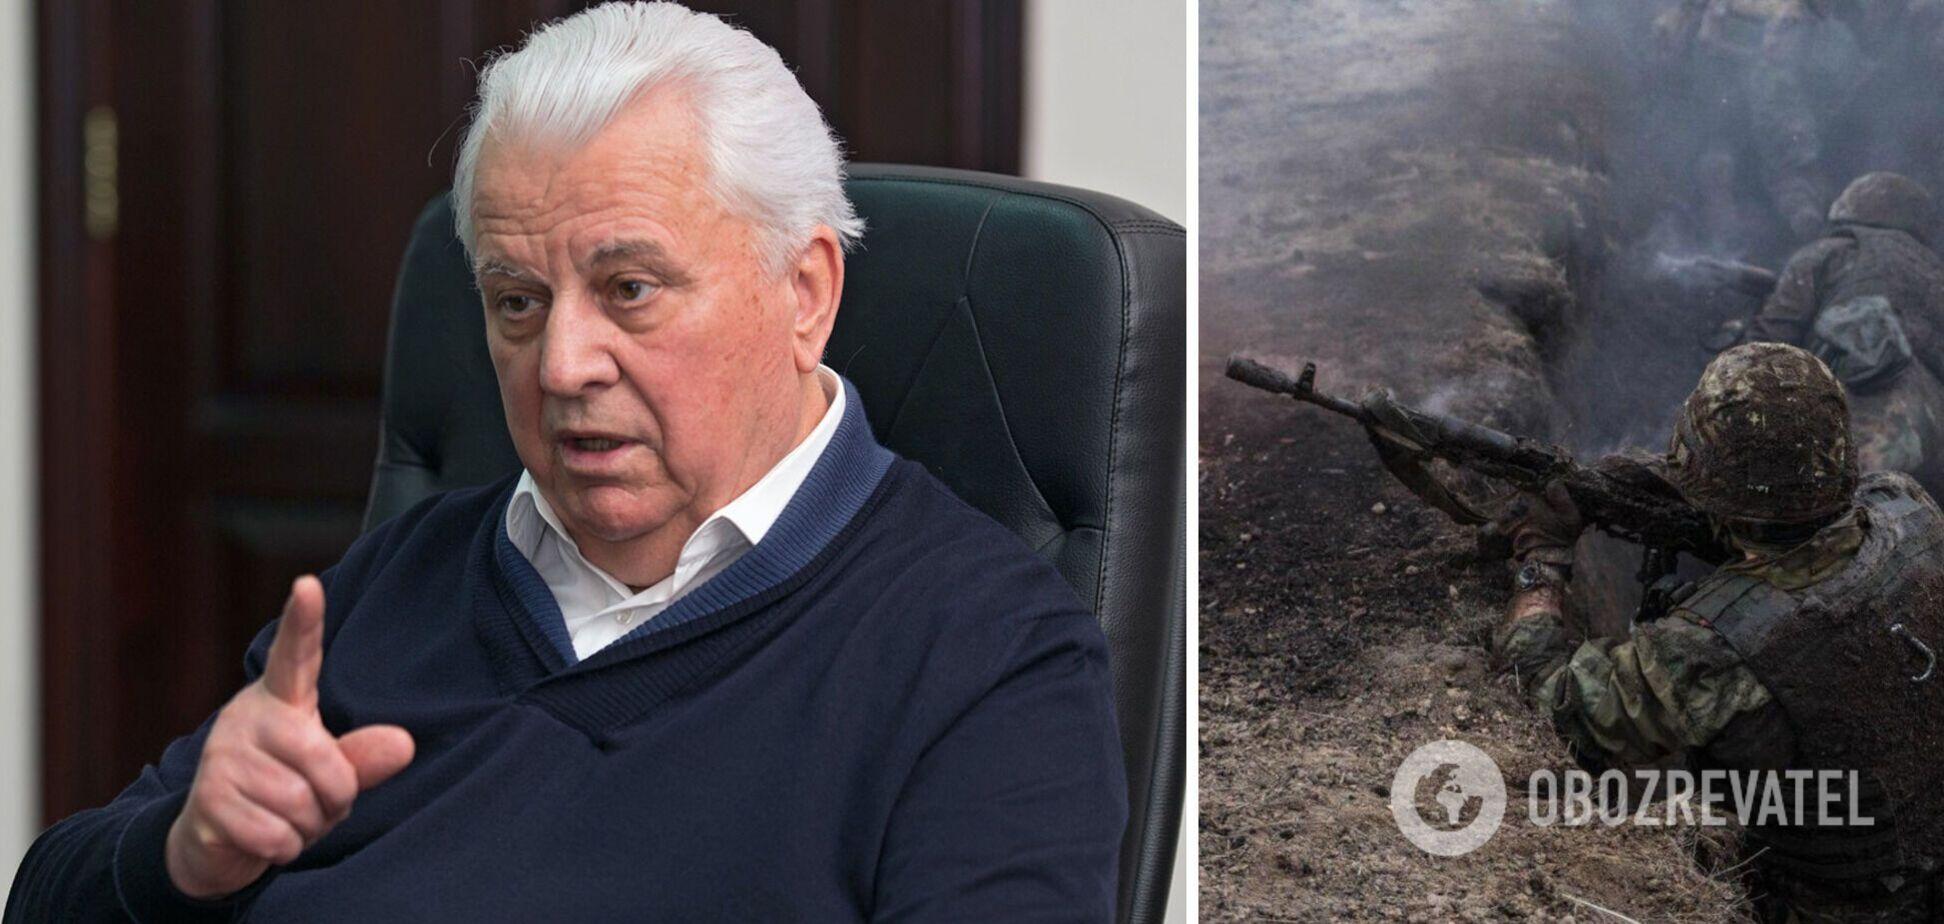 Кравчук заявив, що перемир'я на Донбасі вже немає